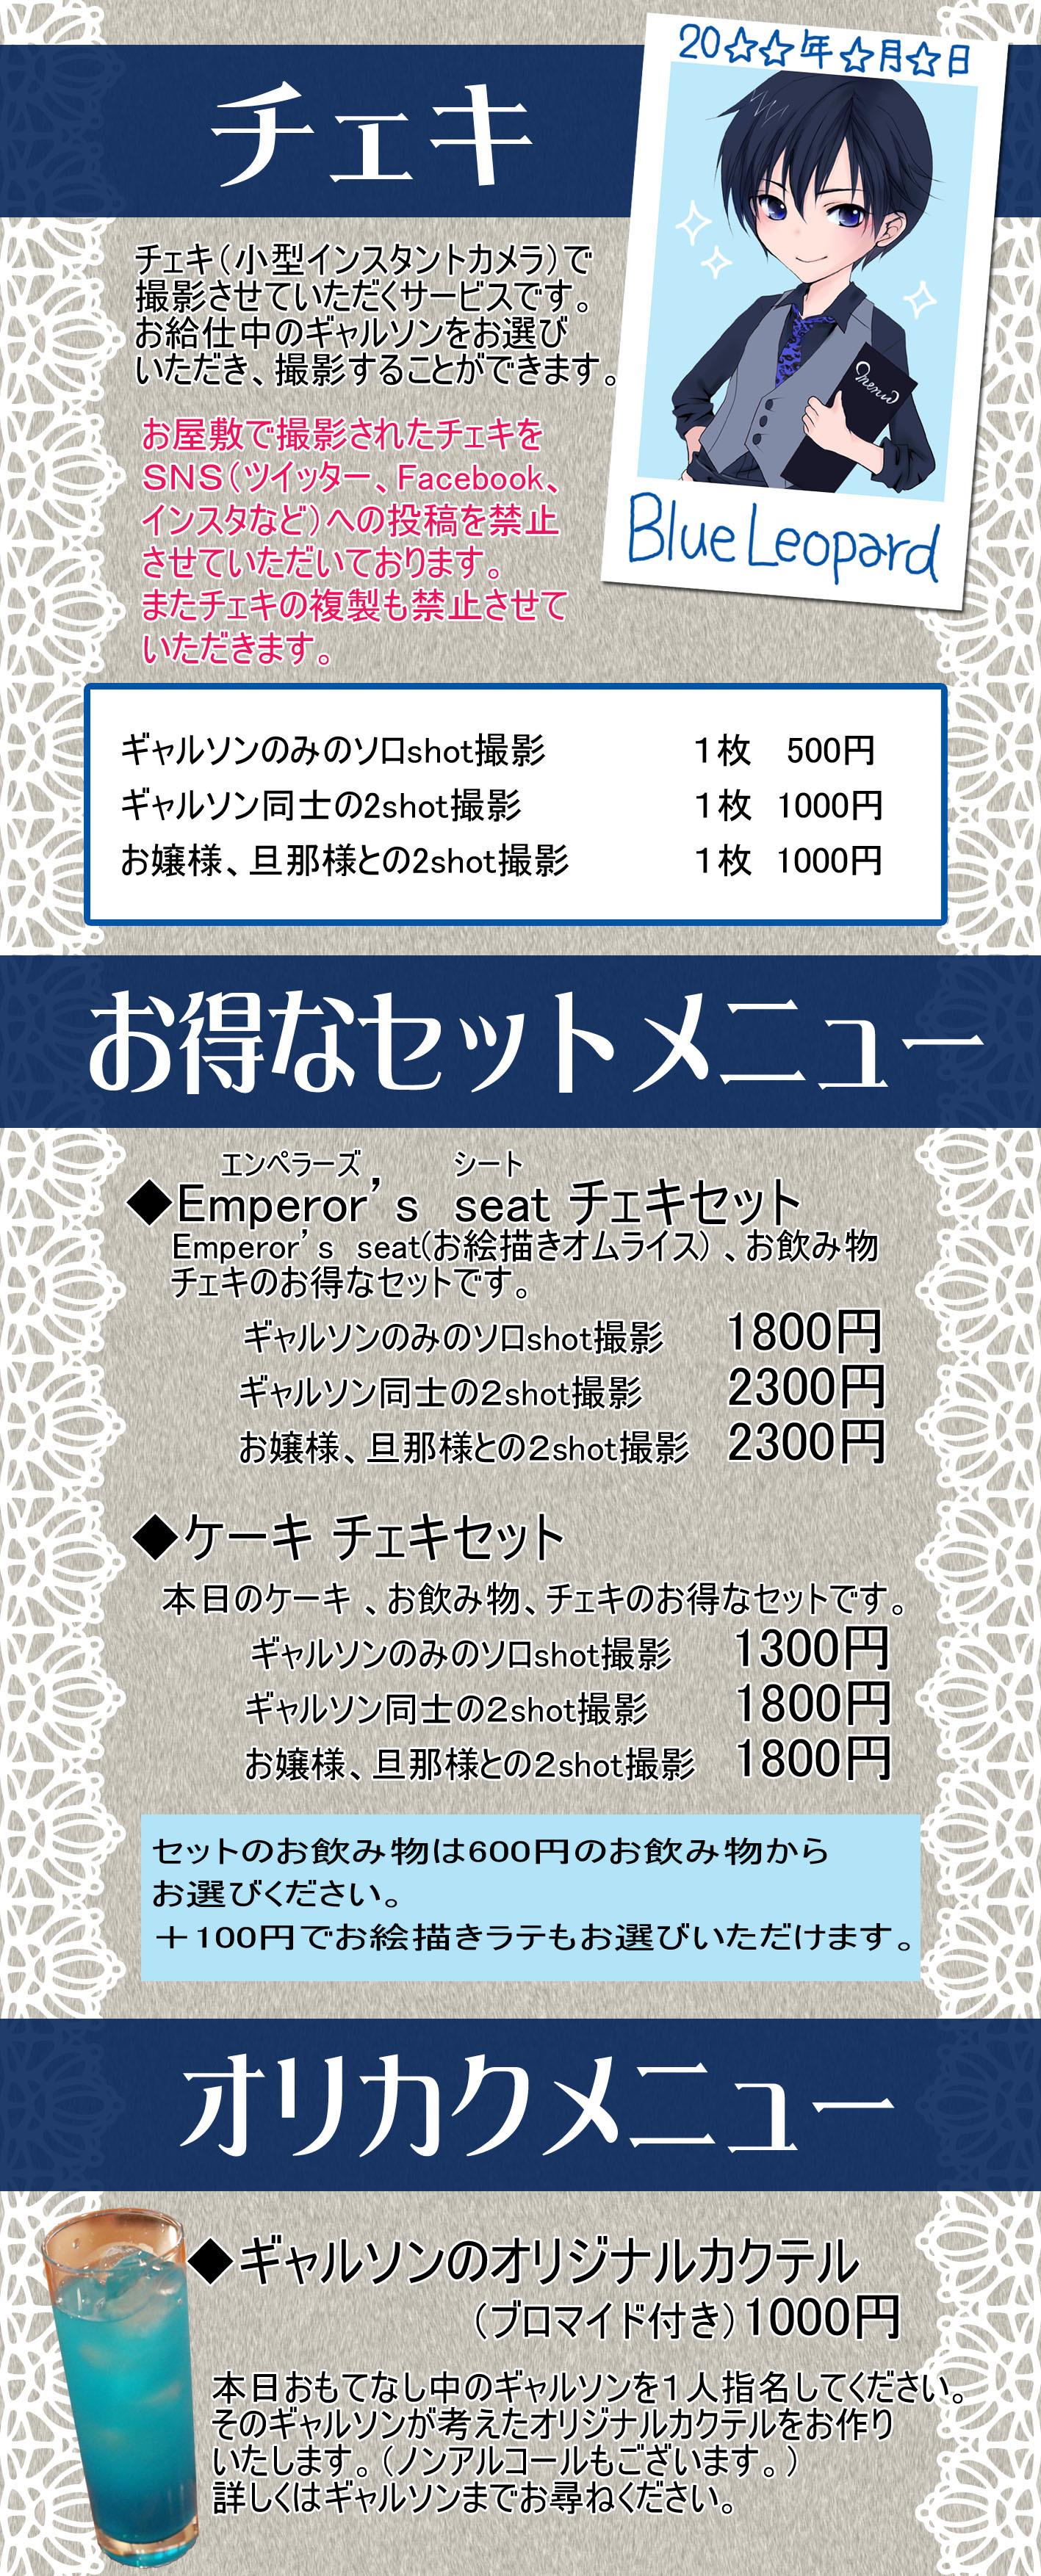 BLメニュー③ チェキ・セットメニューのコピー